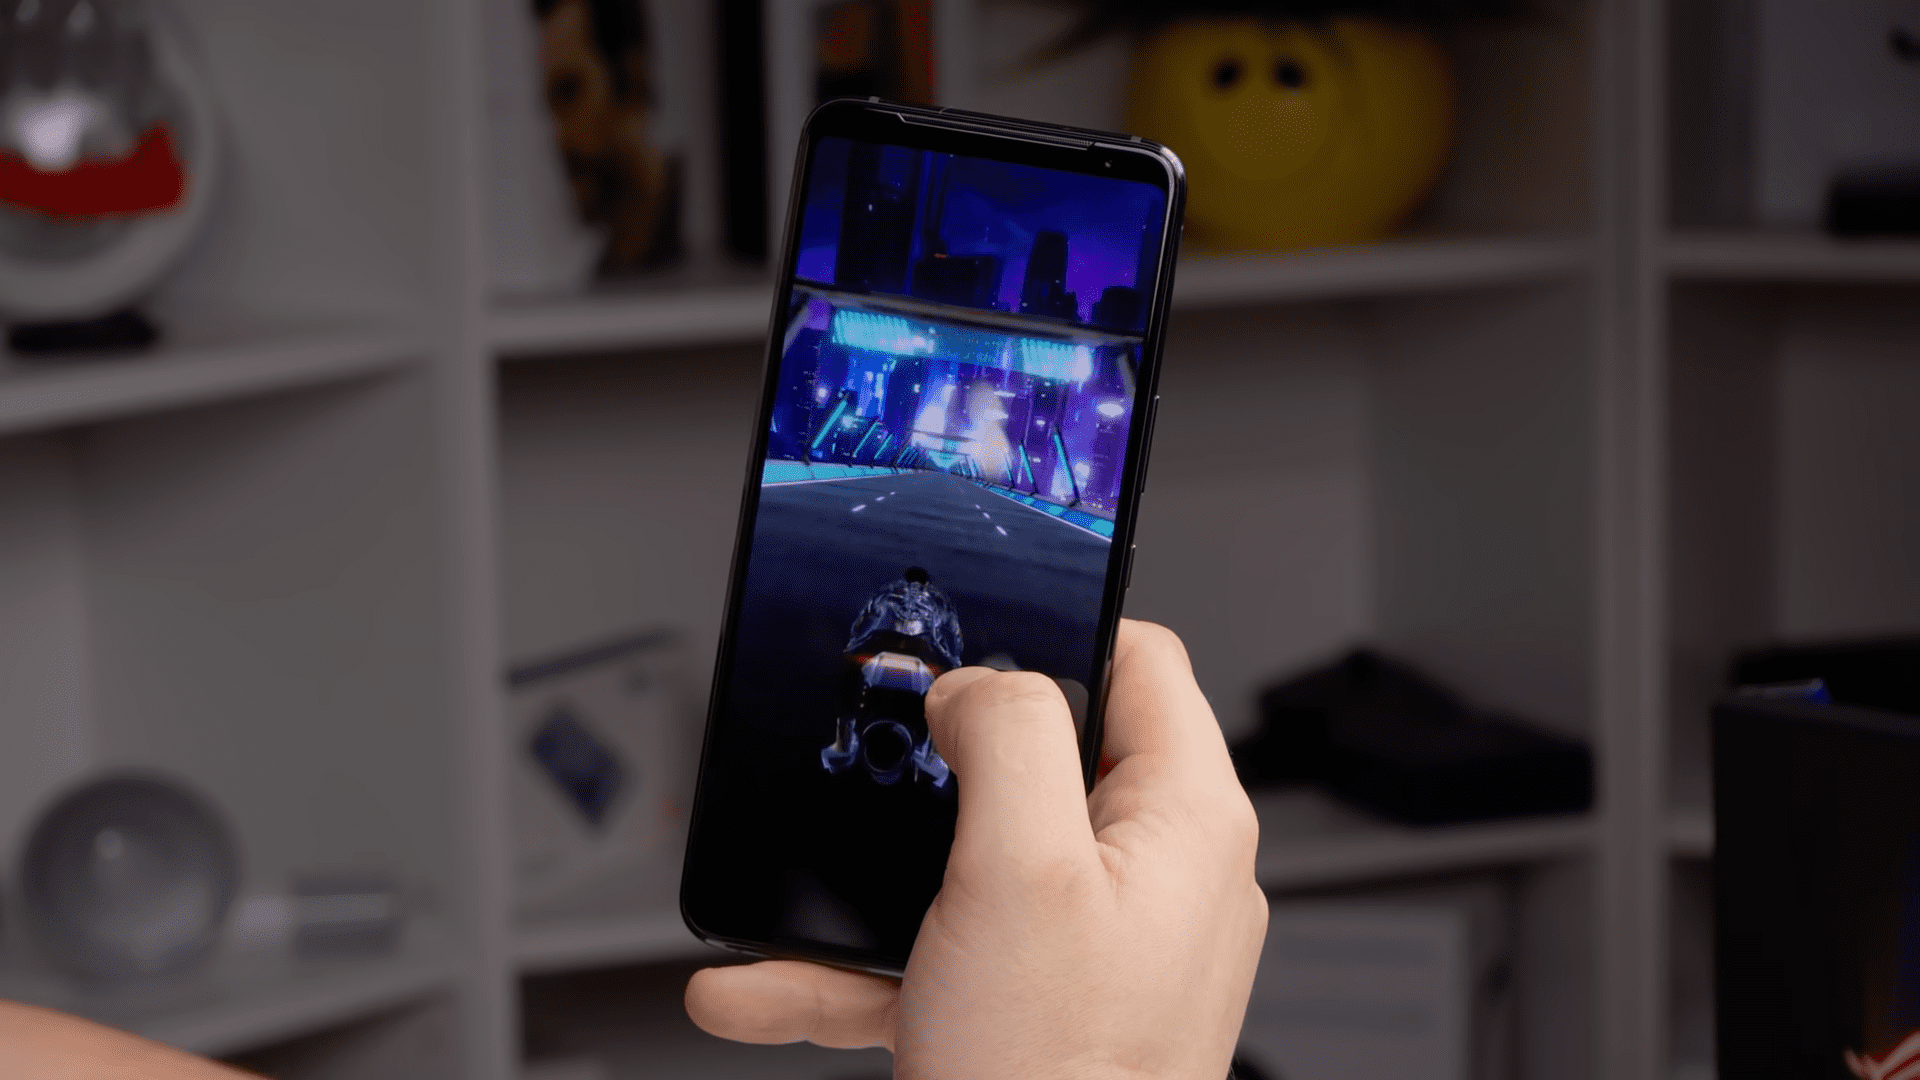 Игровой смартфон Asus: компания обещает установить 18 ГБ оперативной памяти